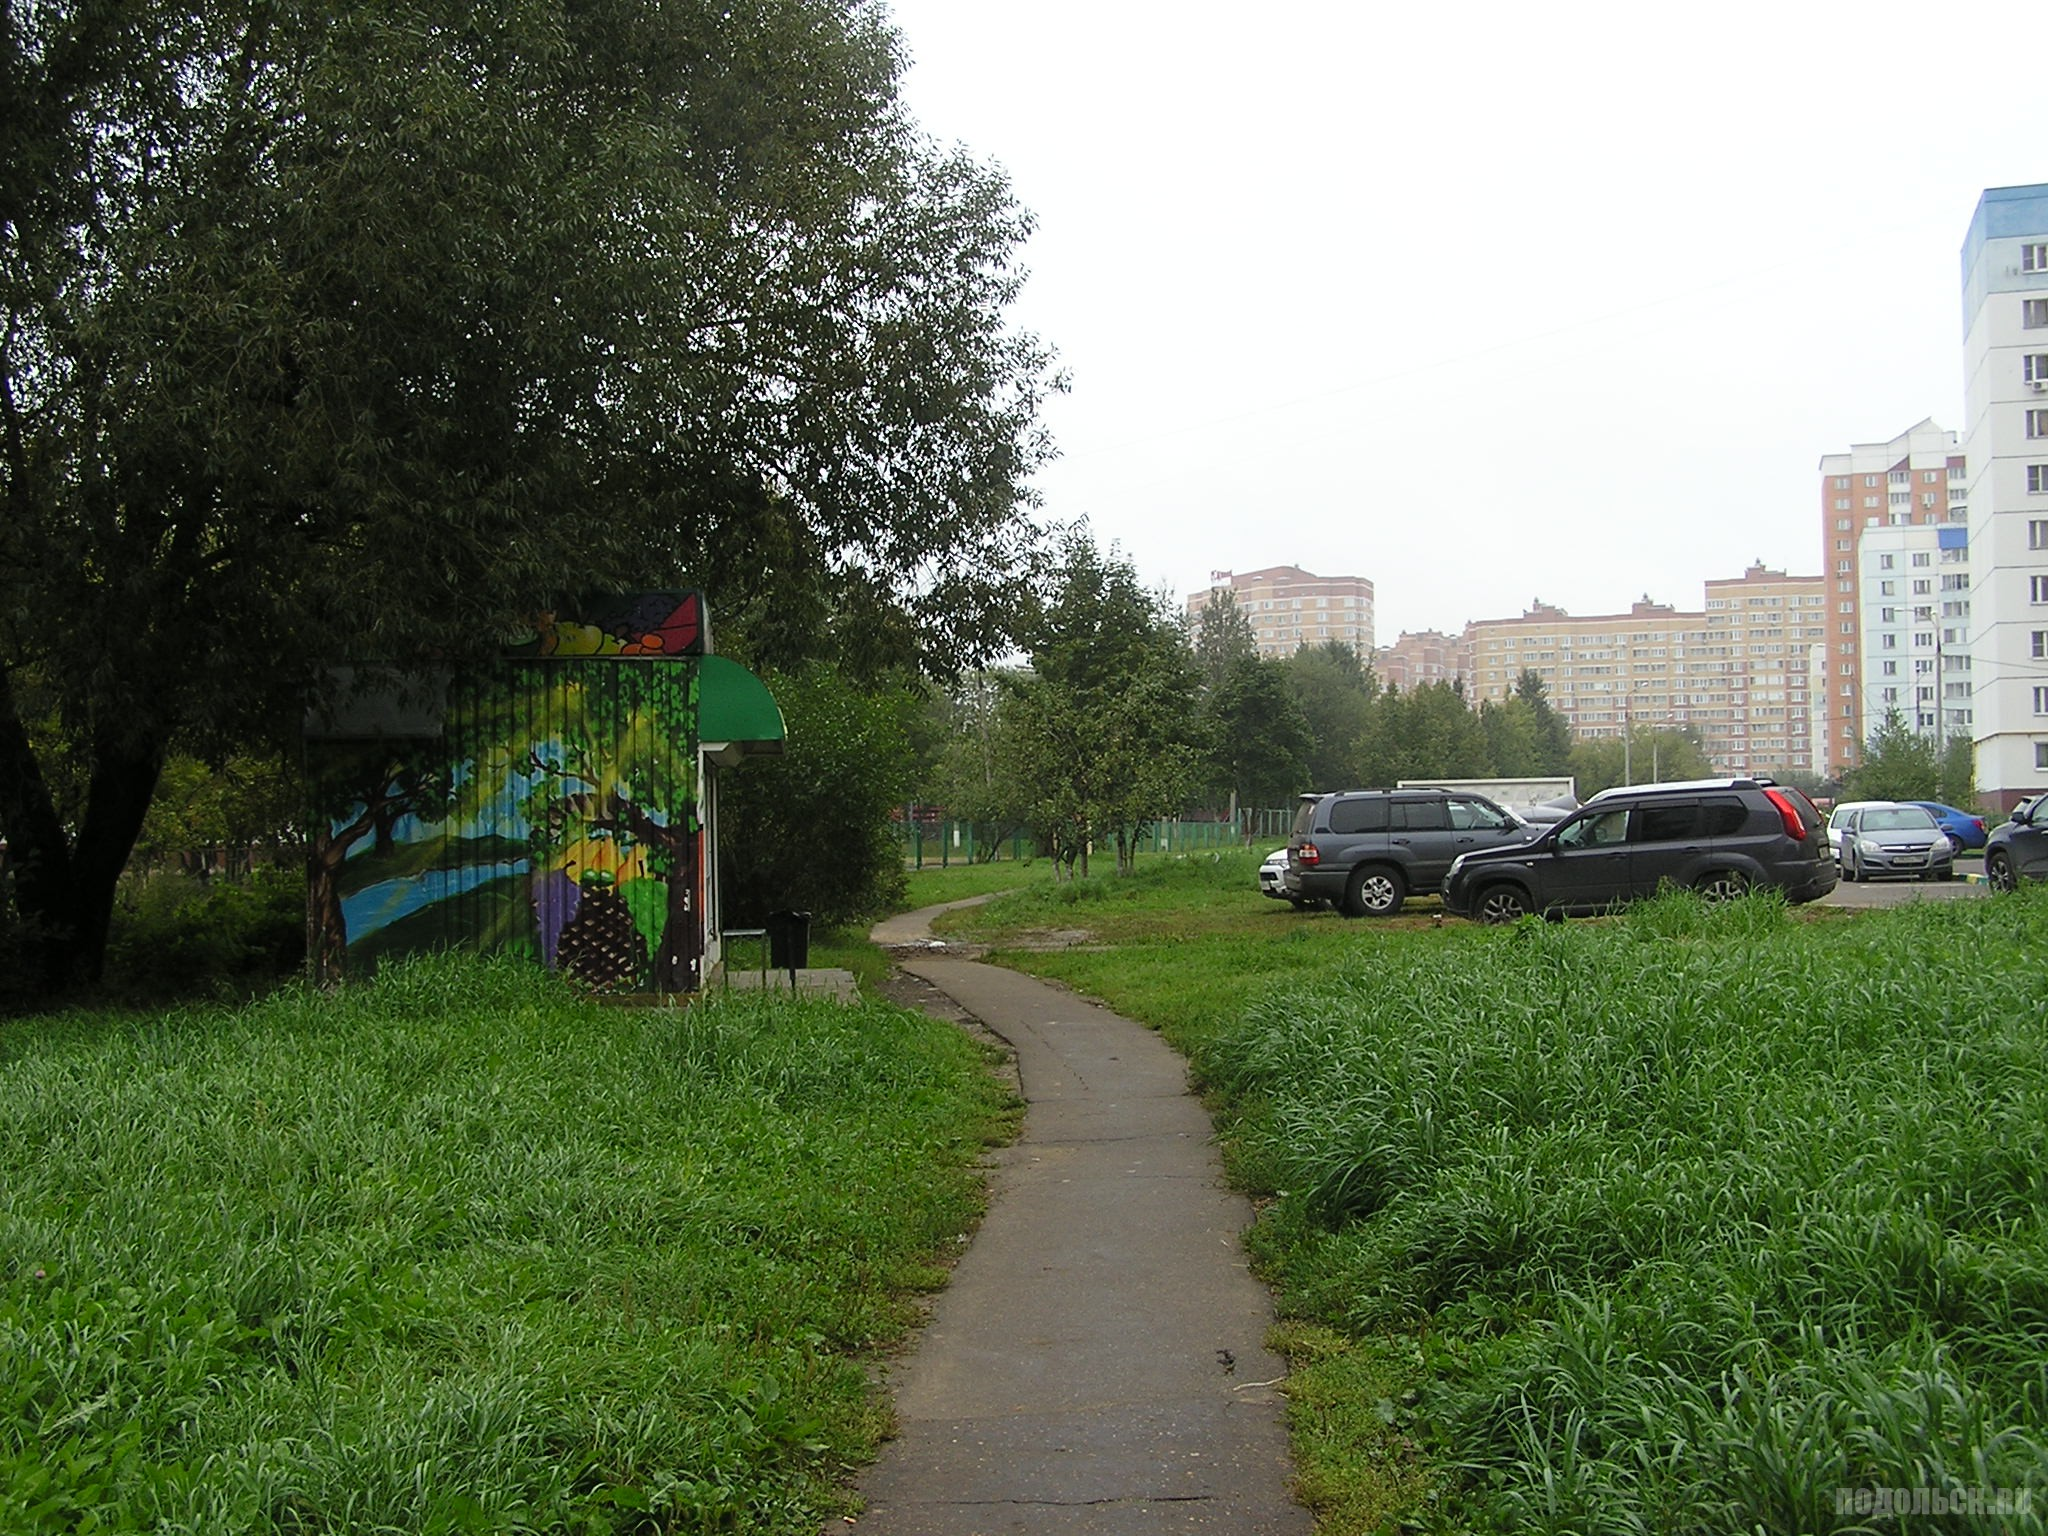 Московская улица, у дома 7. Овощной ларек. 18.09.16.